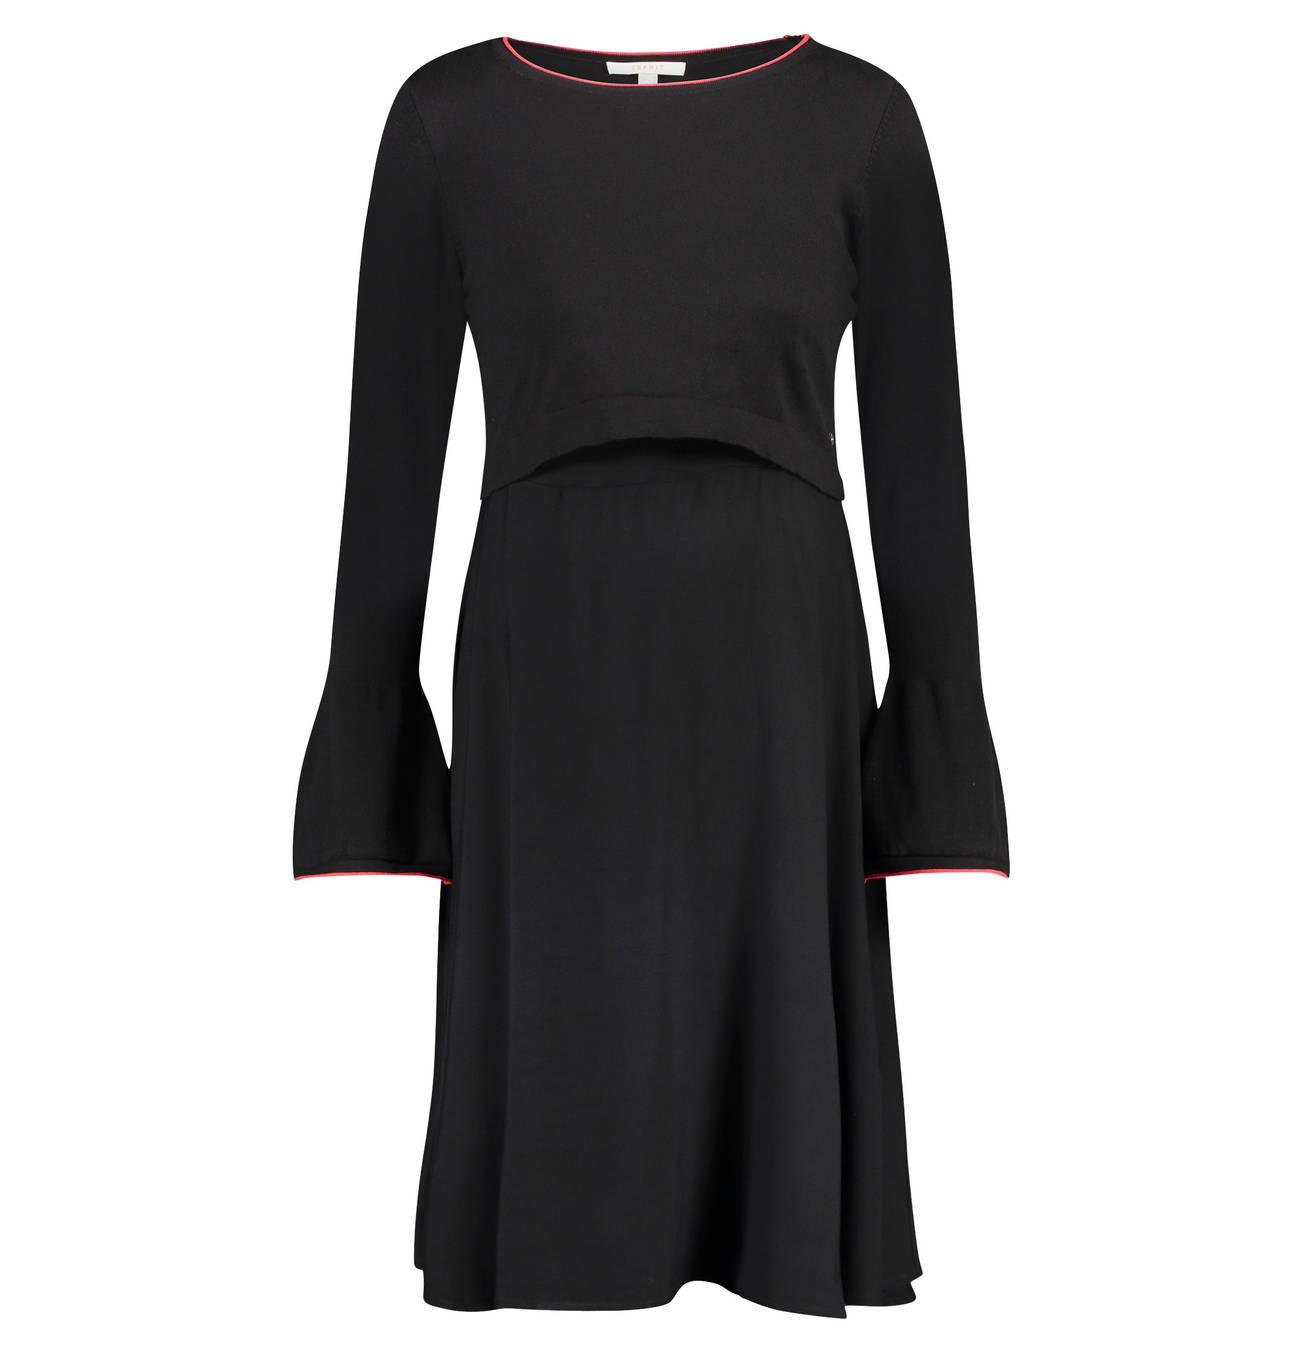 Kleid | Umstandskleid, Kleider für schwangere und Kleid arbeit